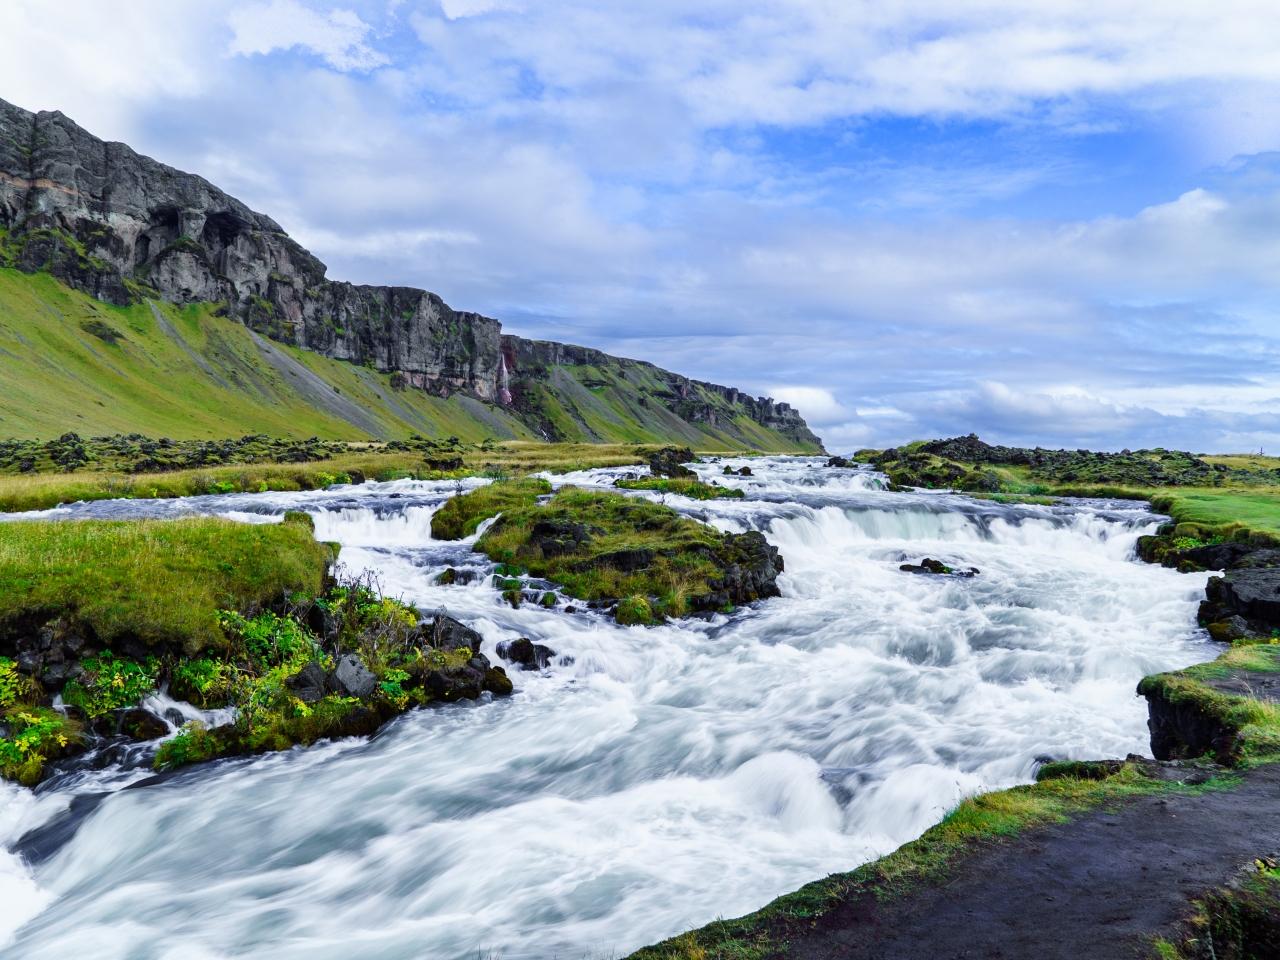 アイスランド、車で一周、12日間...